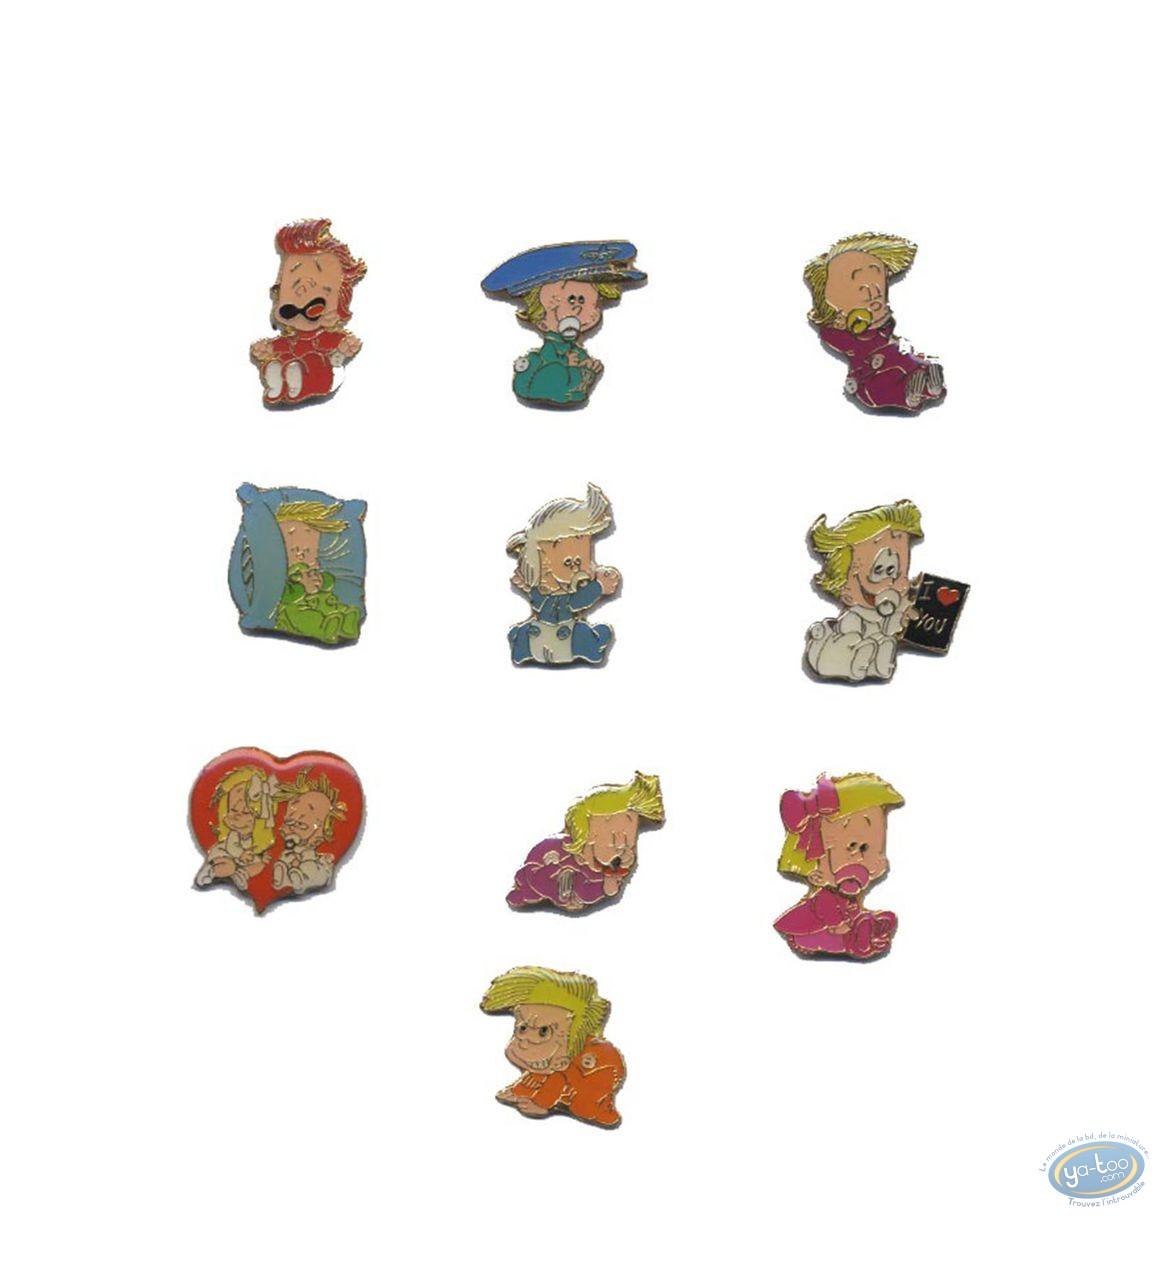 Pin's, BB de BD : Pin's, Set of 10 pin's